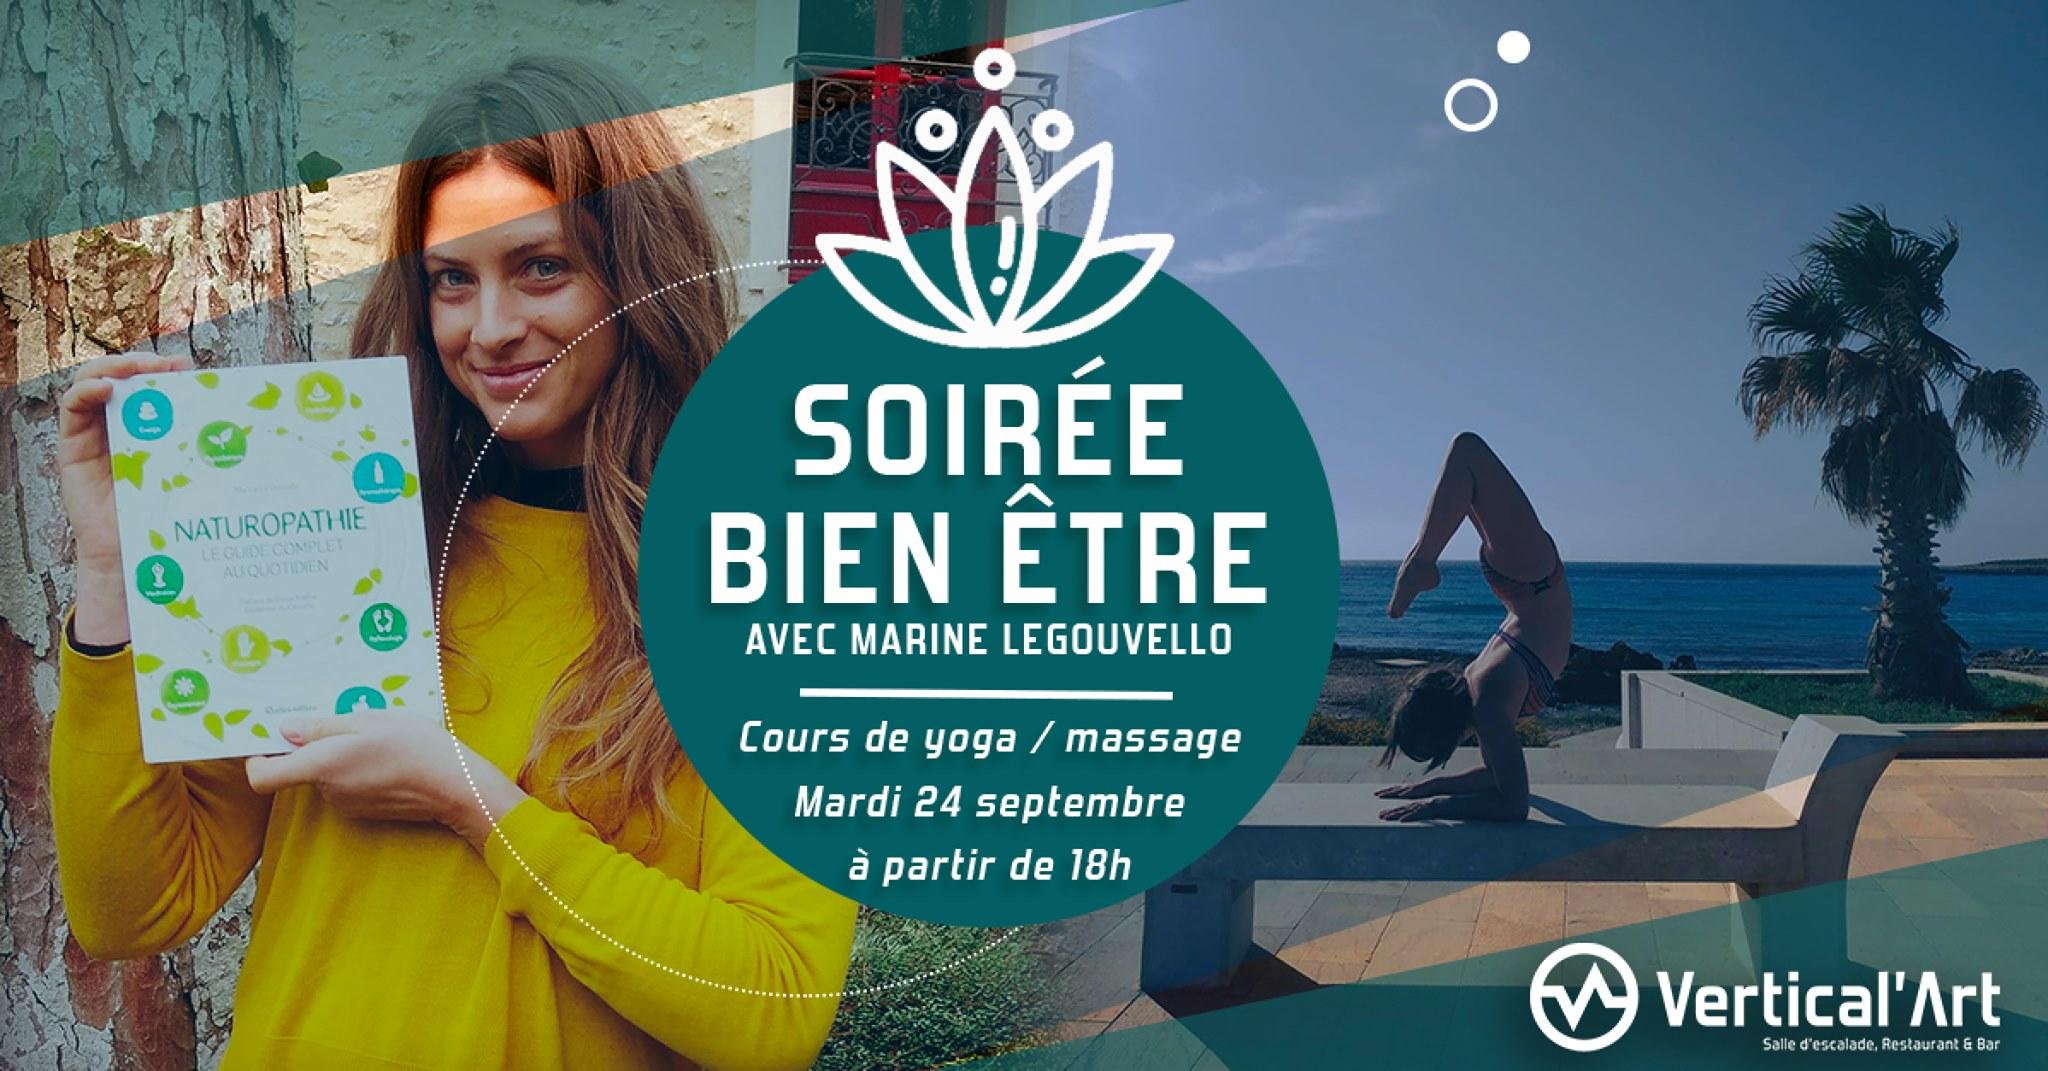 - yoga - Marine legouvelo - naturopaths - massage - soirée - soirée bien être à Vertical'Art - Saint-Quentin-En-Yvelines-en-yvelines - salle d'escalade de bloc - restaurant bar